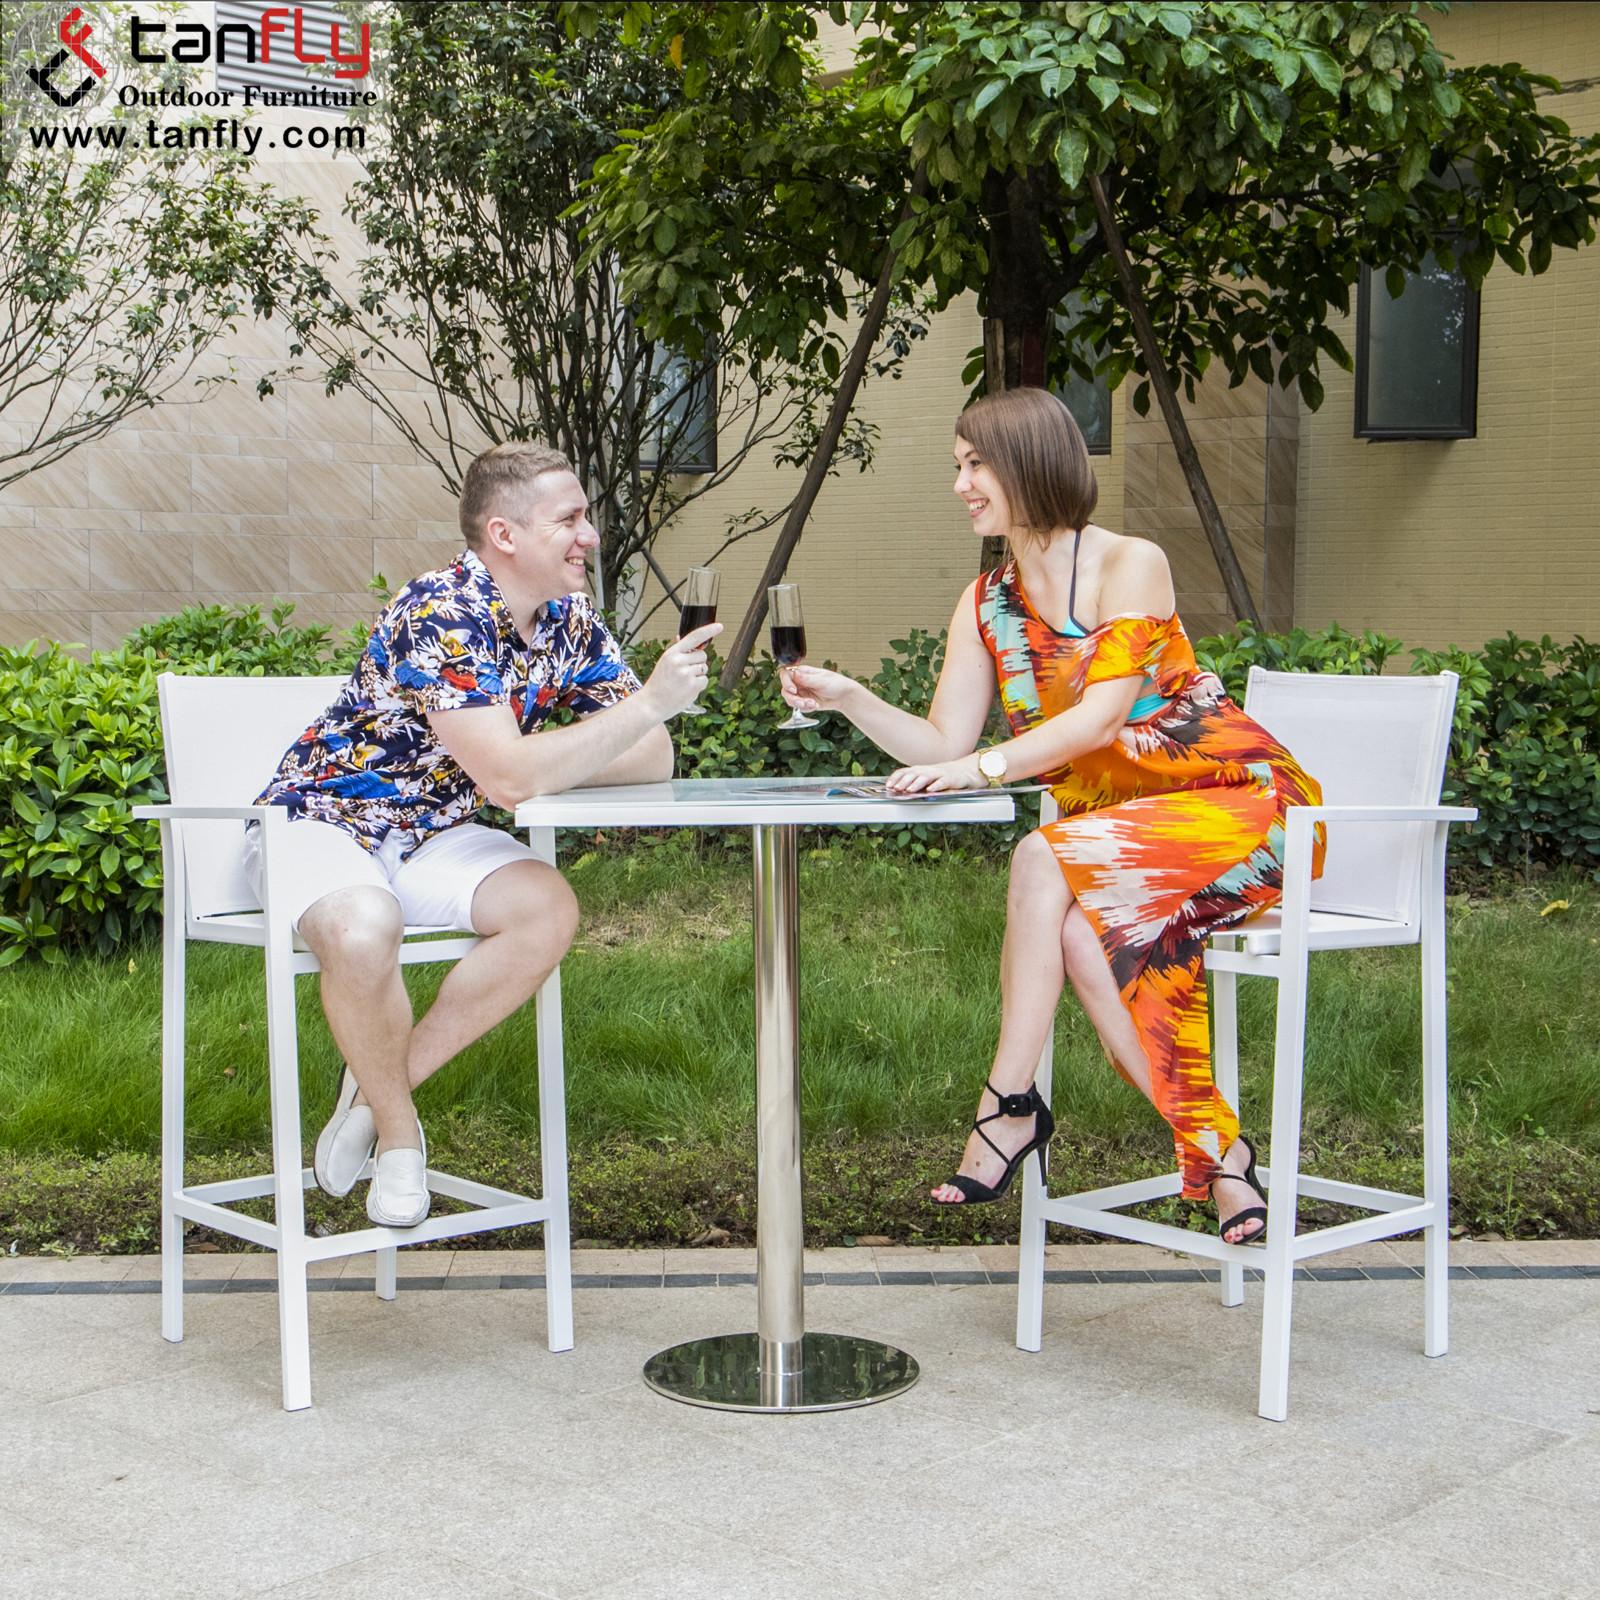 Современный барный стул, высокий стул с подставкой для ног, уличные барные стулья и барные столы, набор мебели